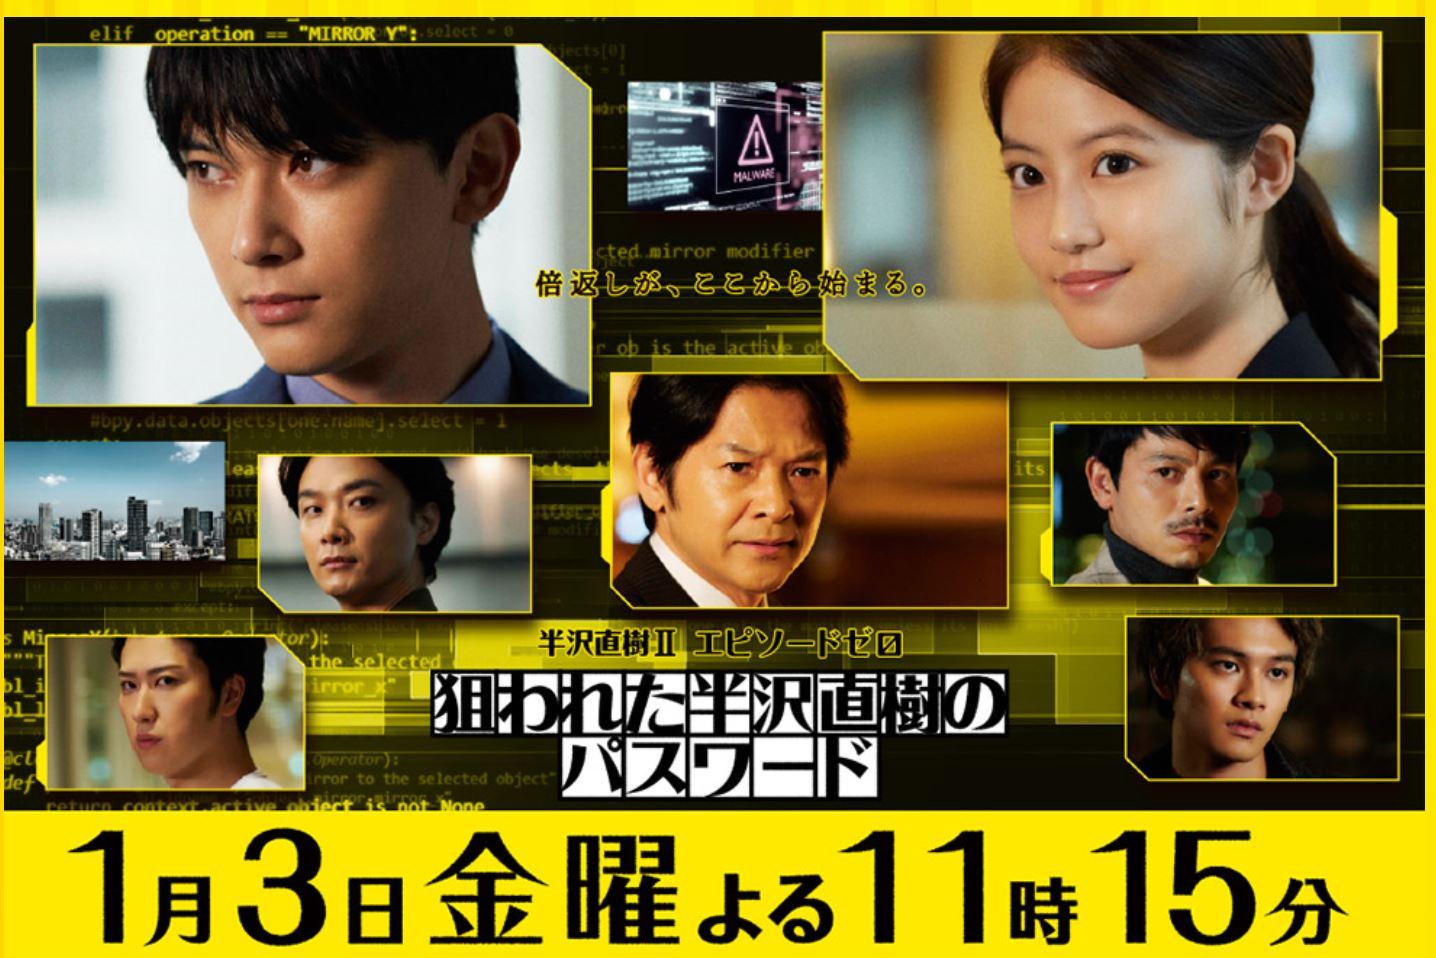 半沢 直樹 正月 半沢直樹の番外編ドラマが正月放送 主演は吉沢亮